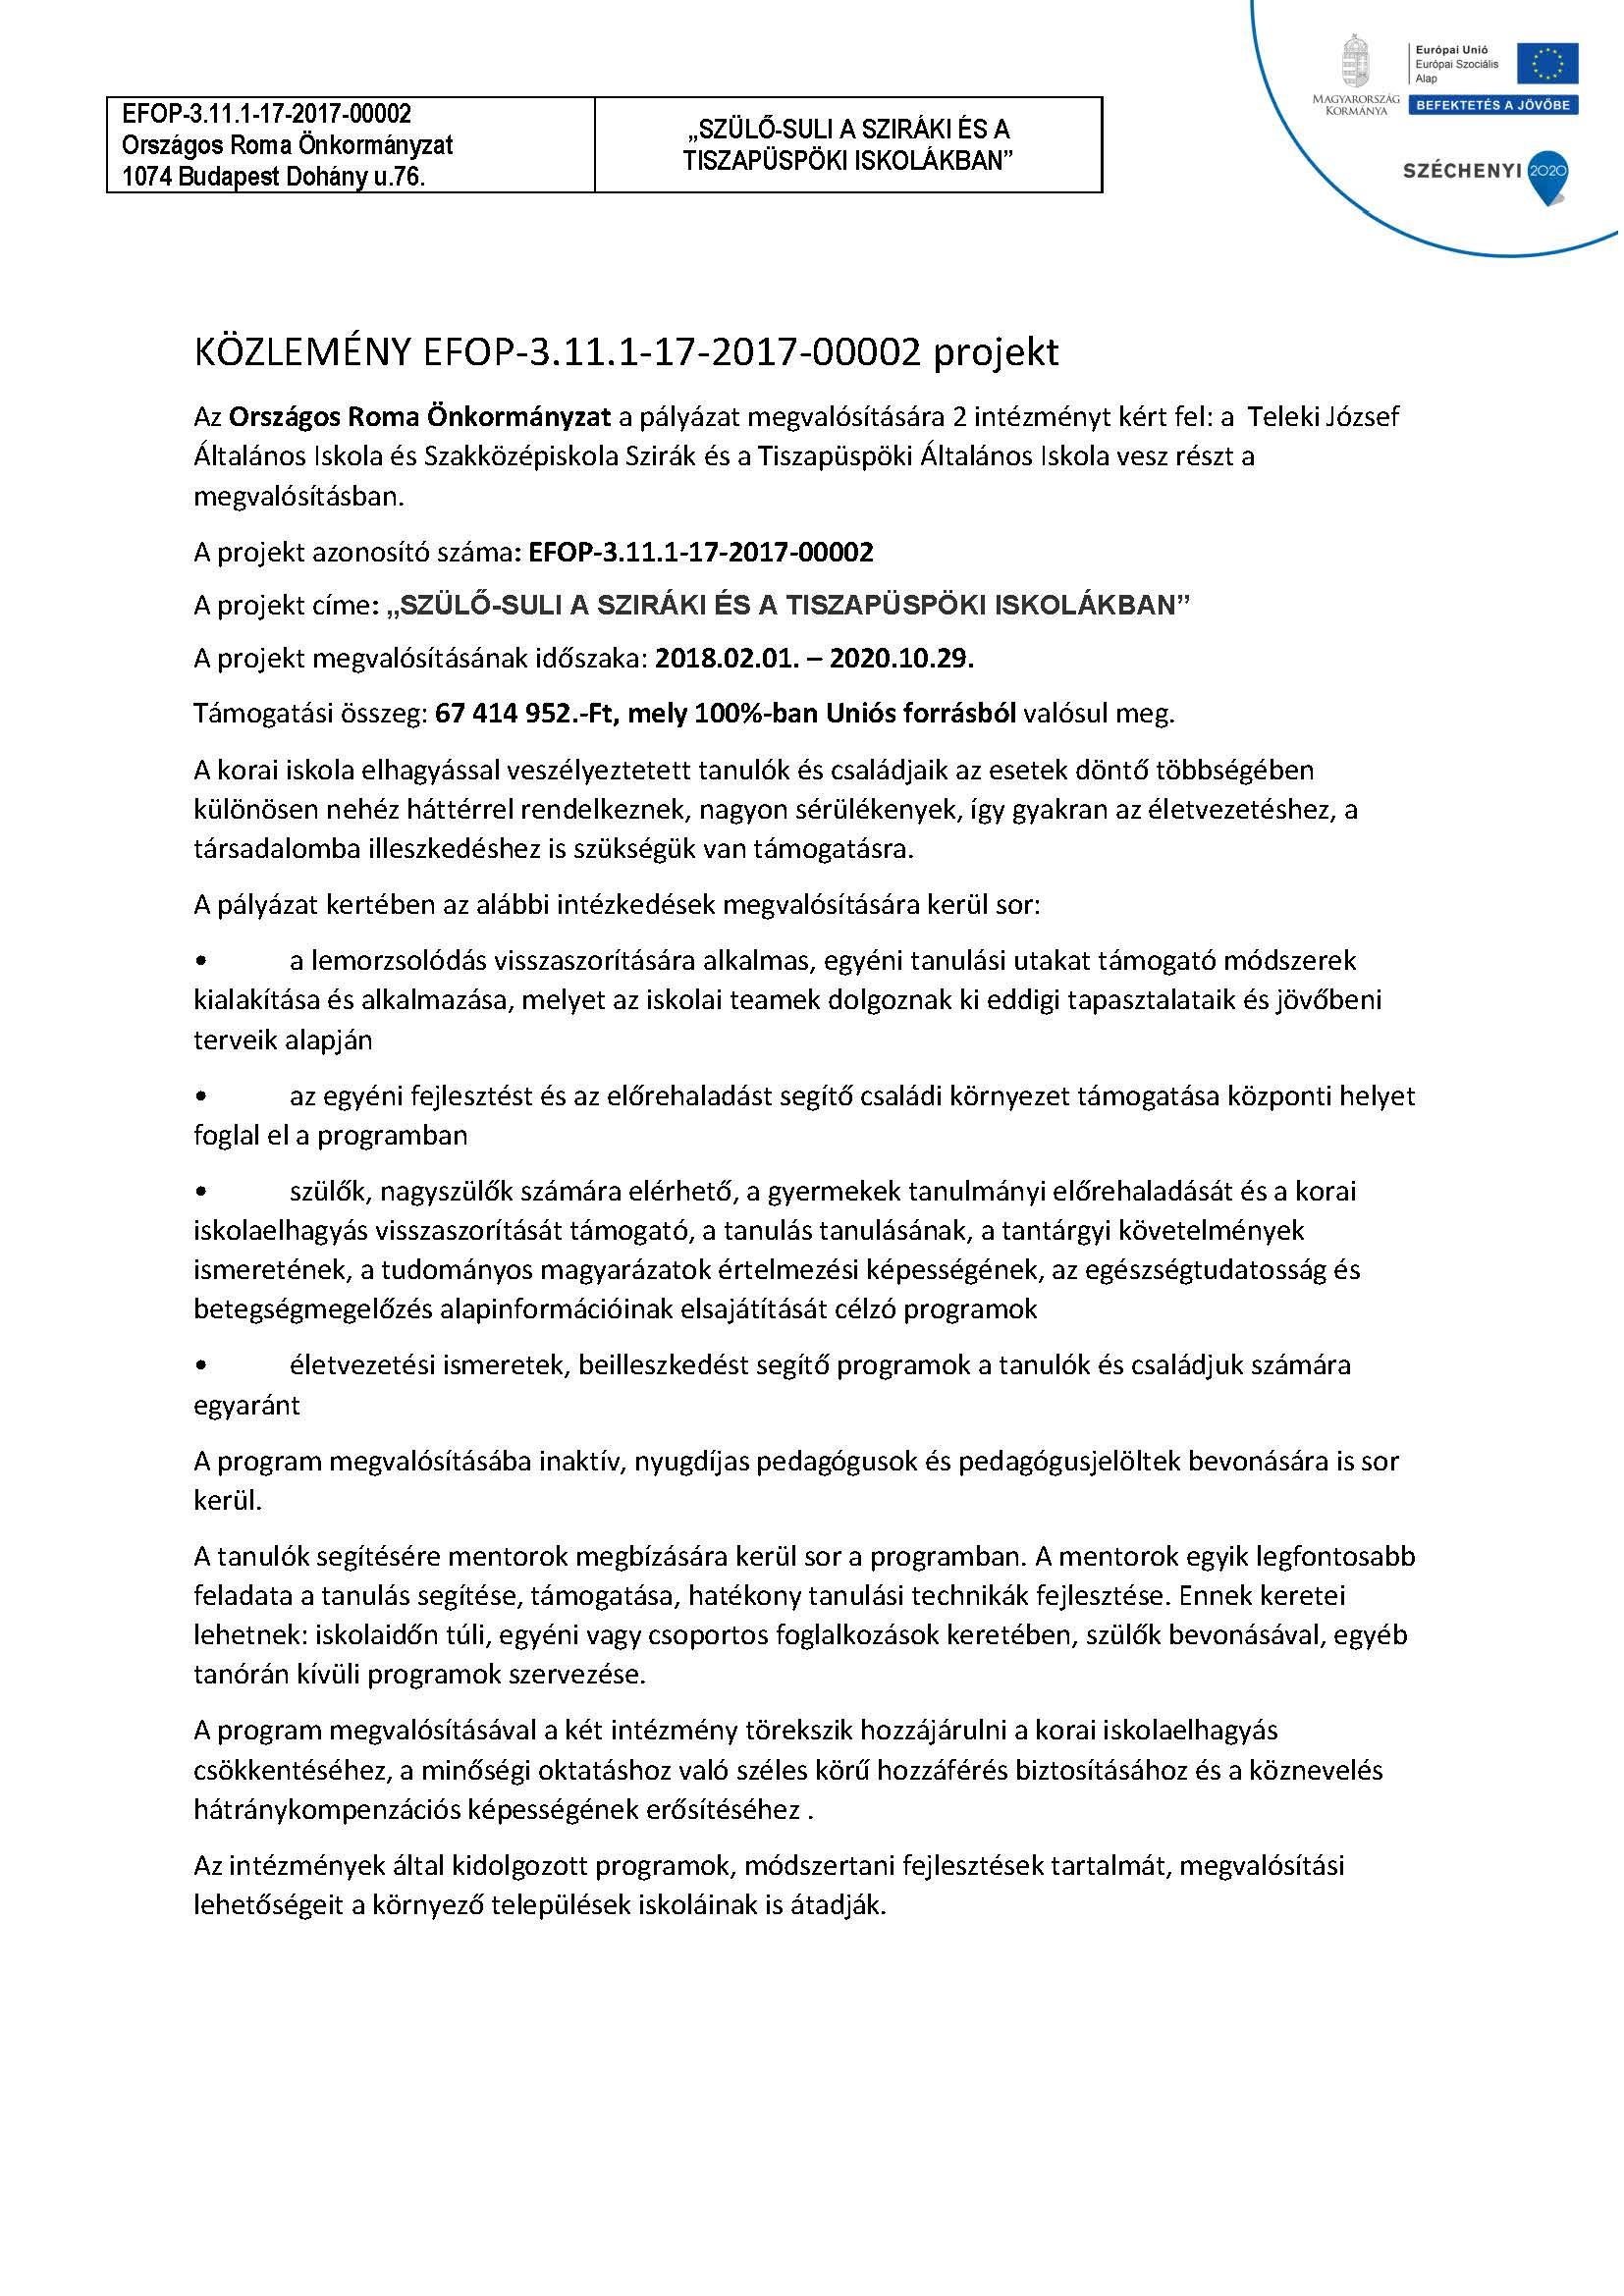 EFOP-3.11.1- 17-2017-00002